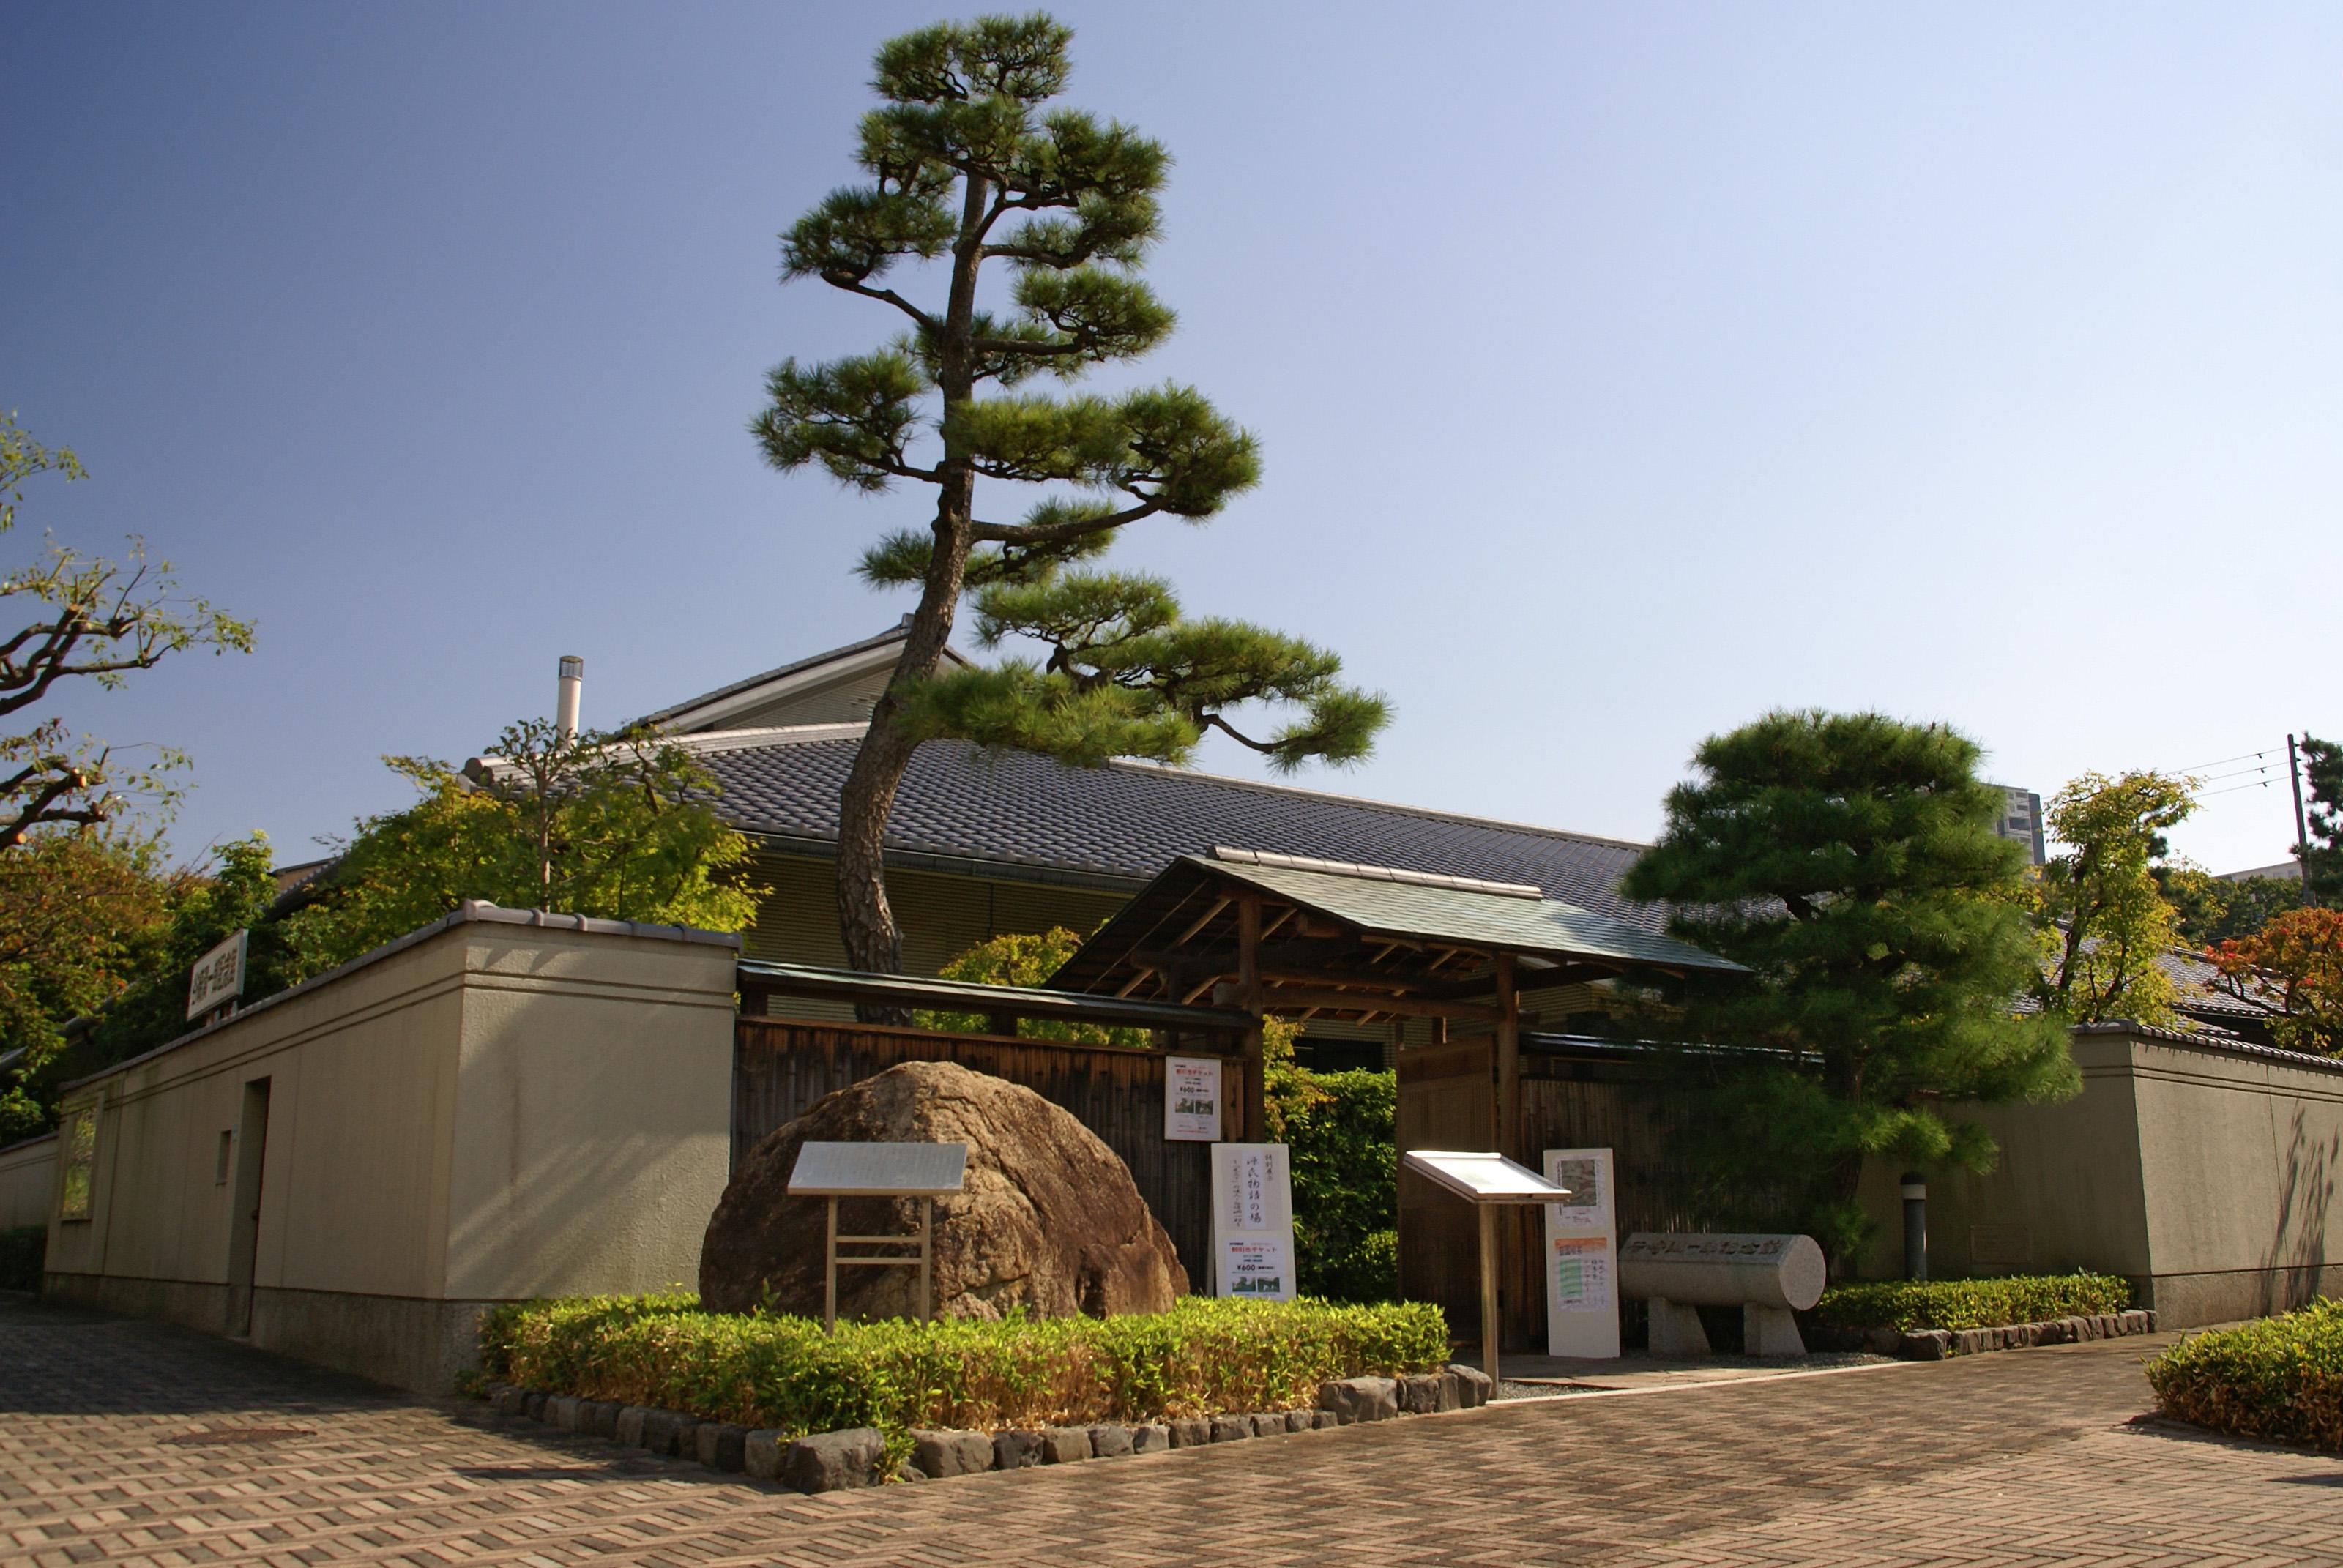 芦屋市谷崎潤一郎記念館 - JapaneseClass.jp